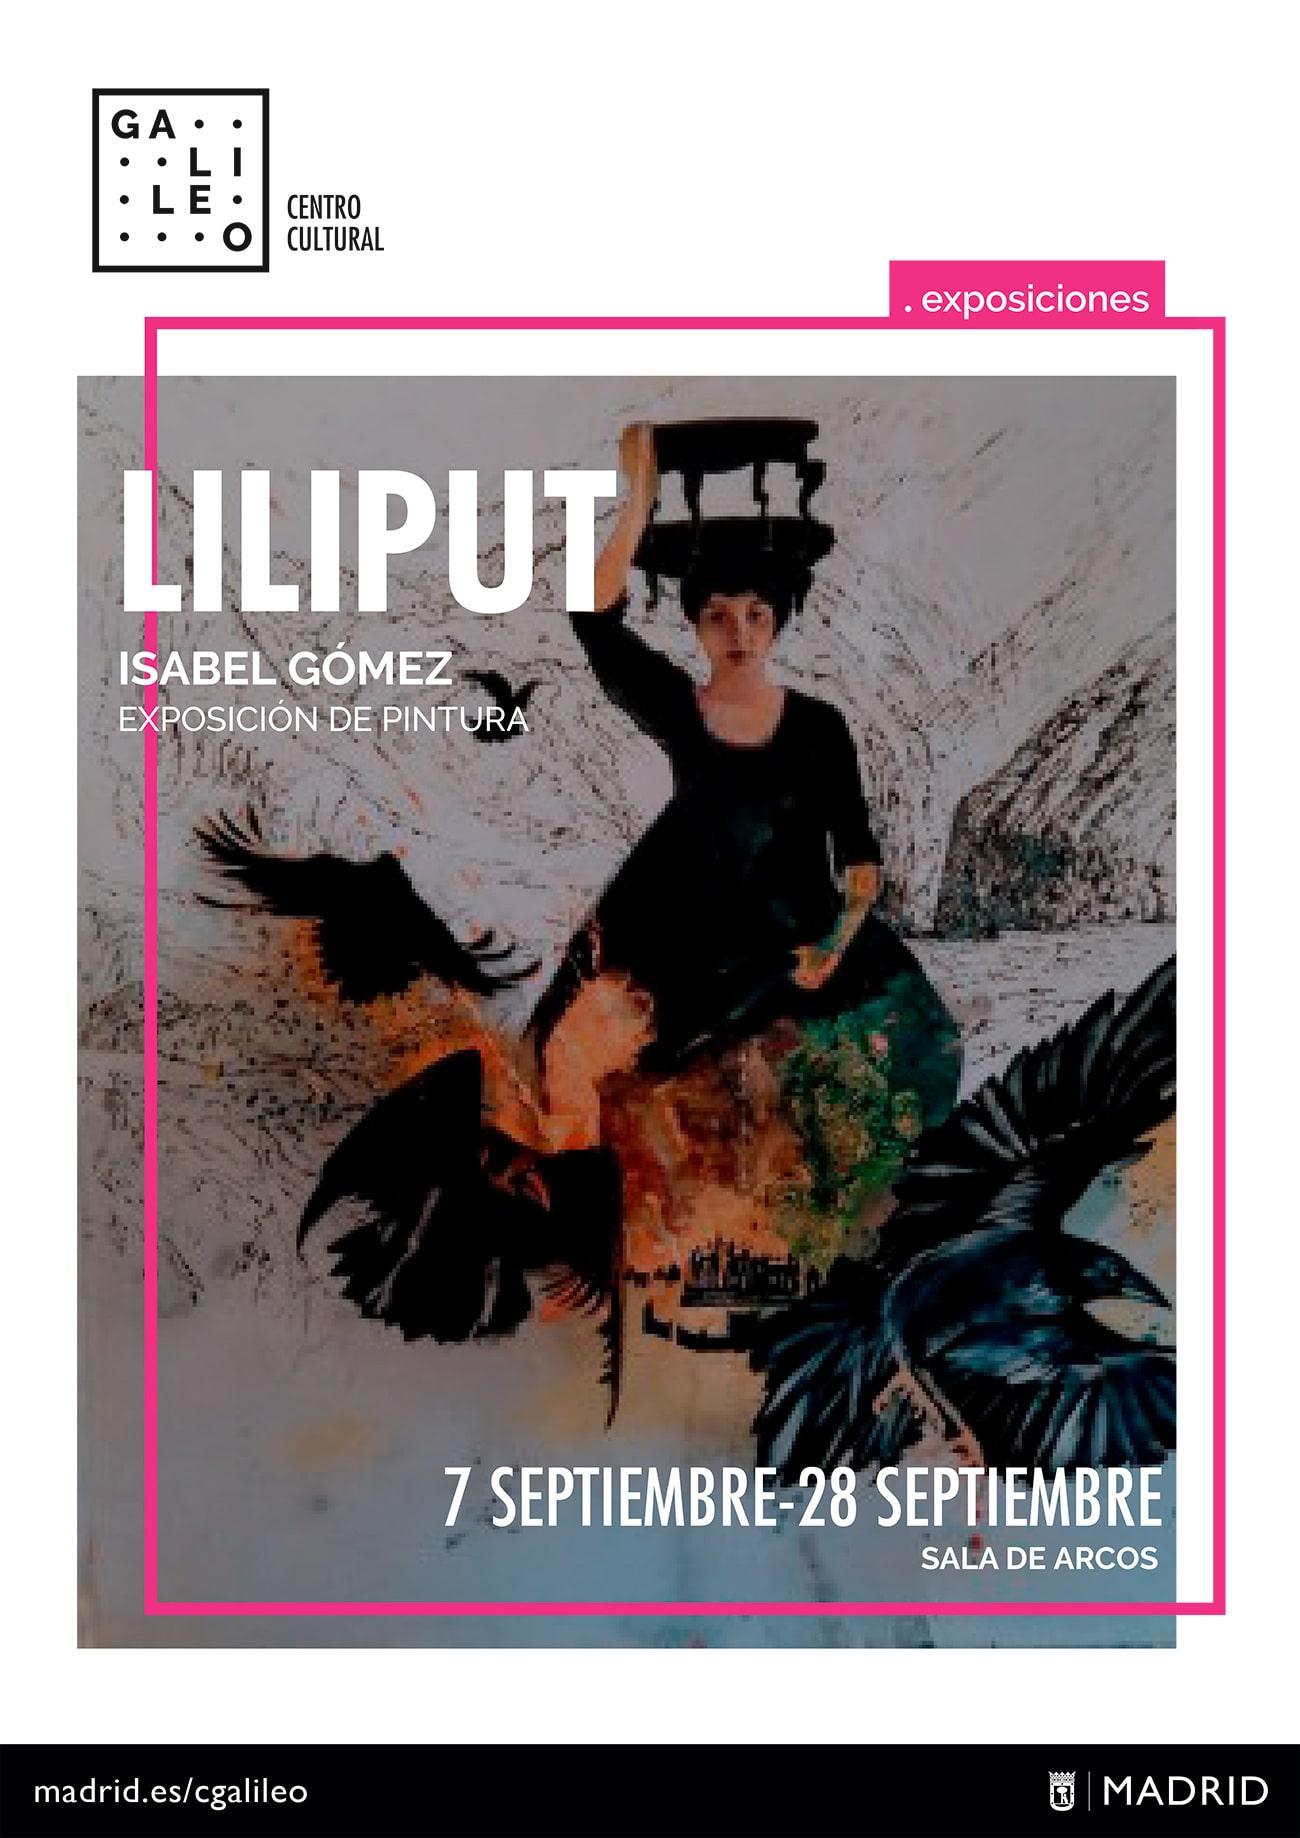 Exposición Liliput - Galileo - Isabel Gómez Liebre